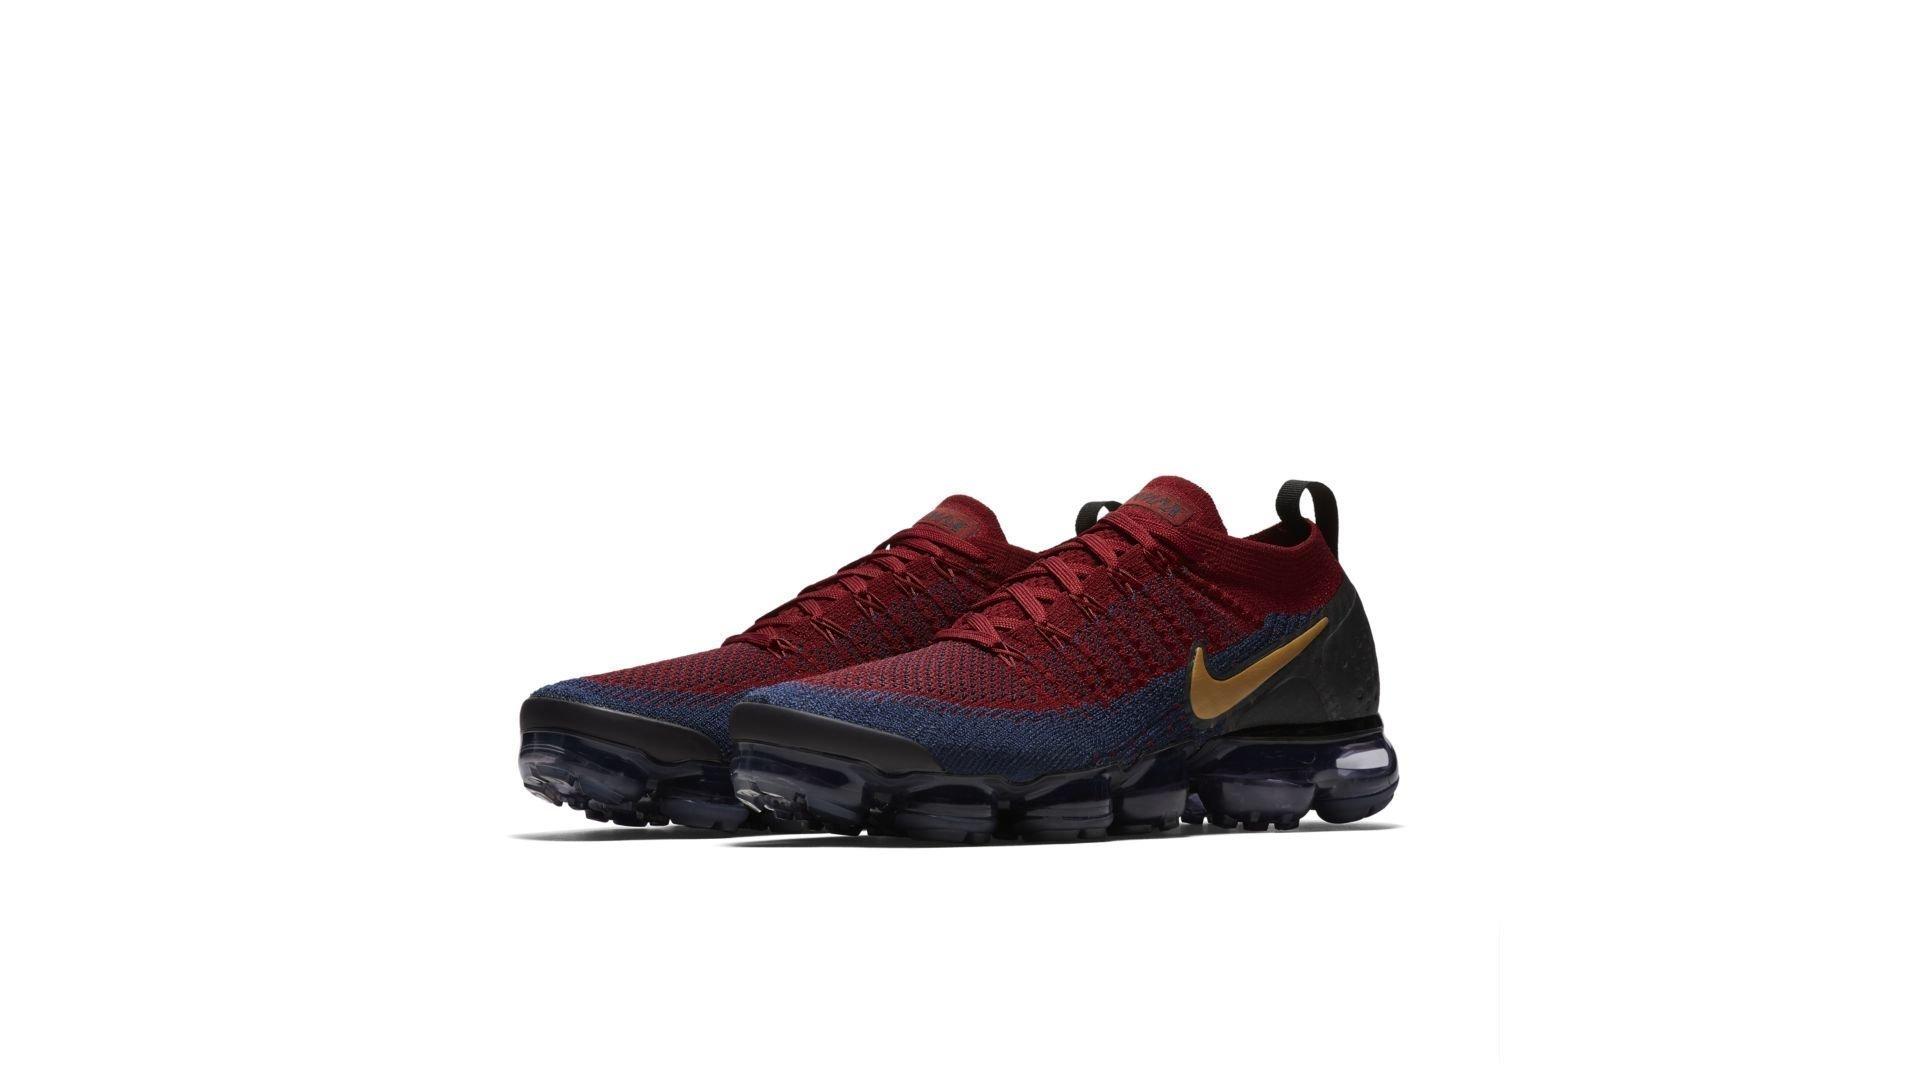 Nike Air VaporMax 2 Team Red Obsidian (942842-604)